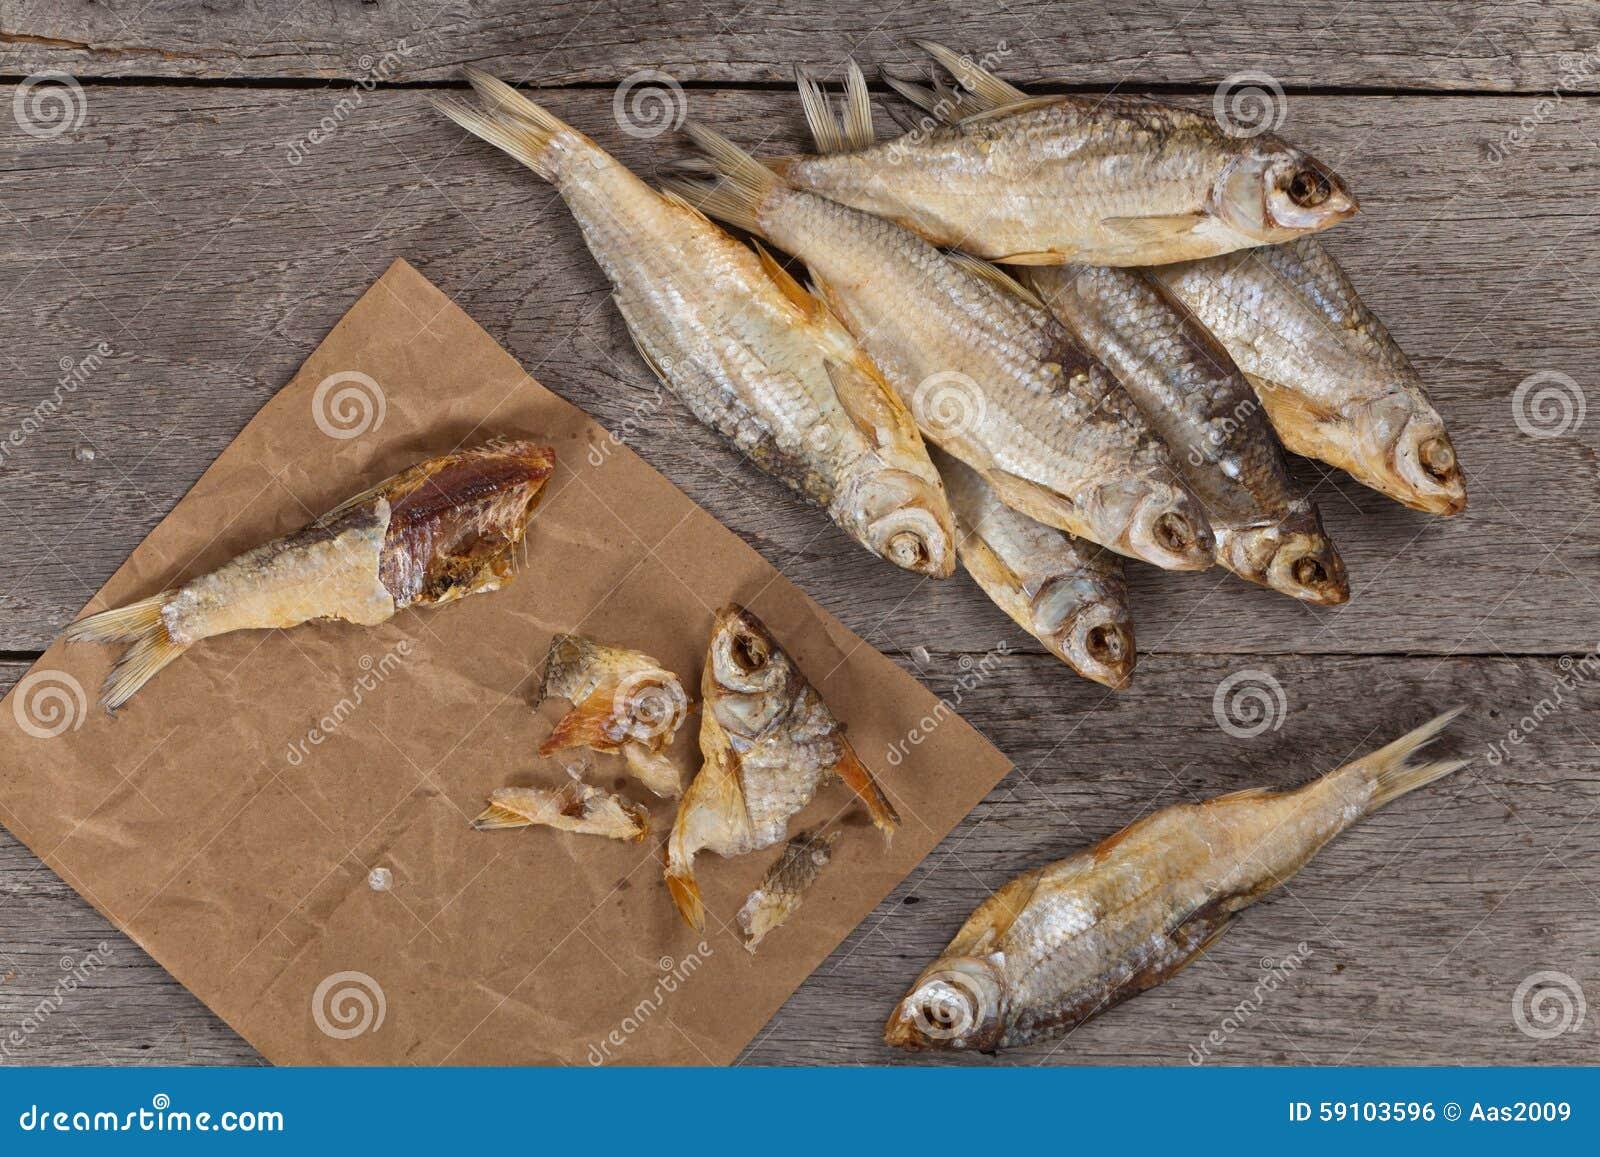 被盐溶的干鱼